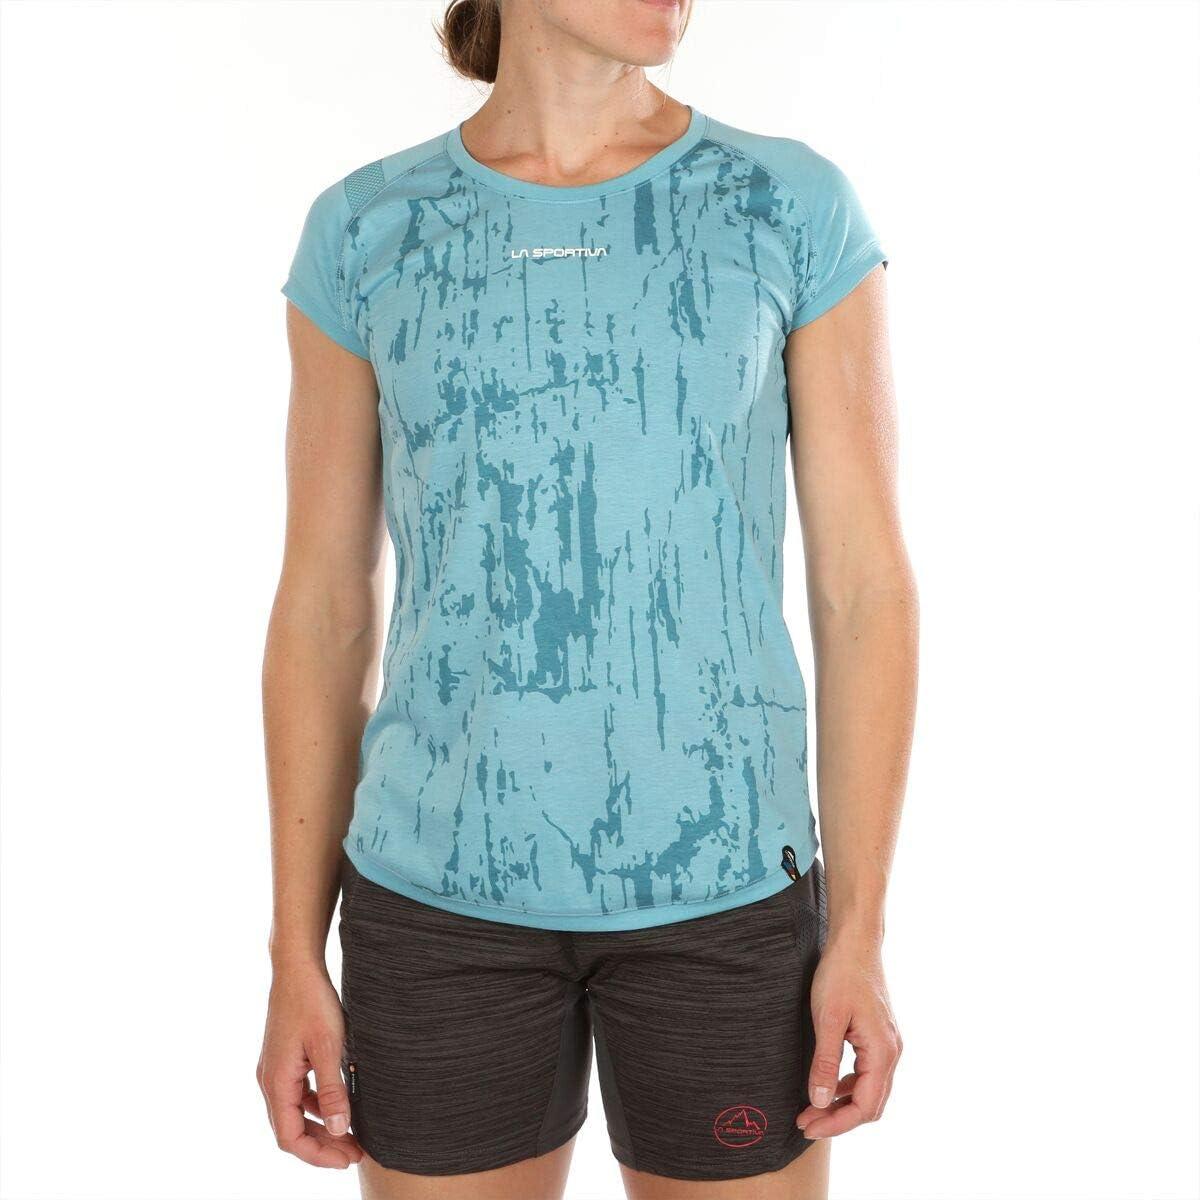 La Sportiva Women's T-Shirt Ranking TOP14 Core 1 year warranty